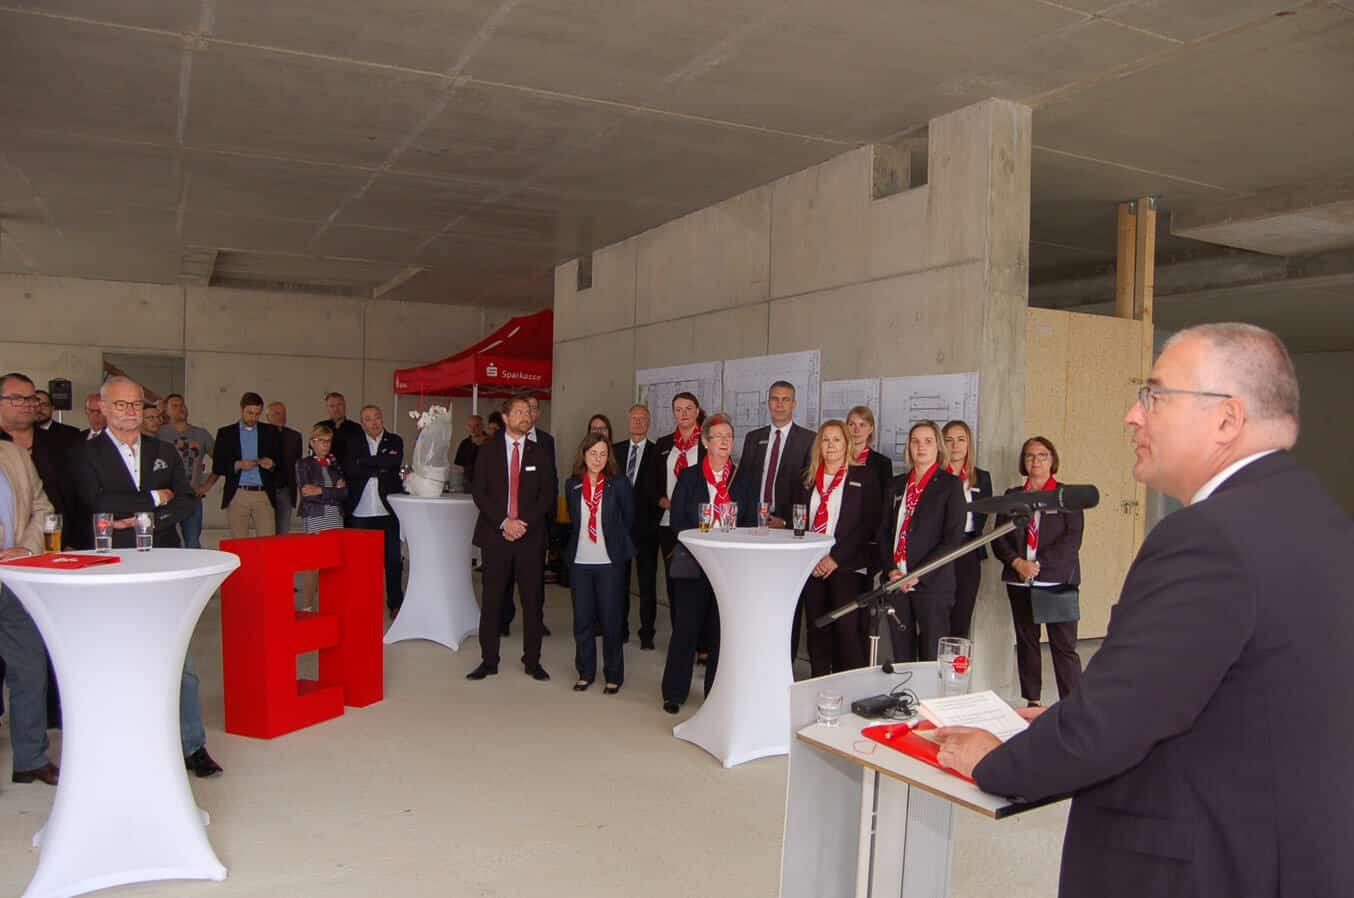 Vorstand Jörg Perscheid begrüßt die Gäste zum Richtfest der neuen Sparkassen-Geschäftsstelle Metternich